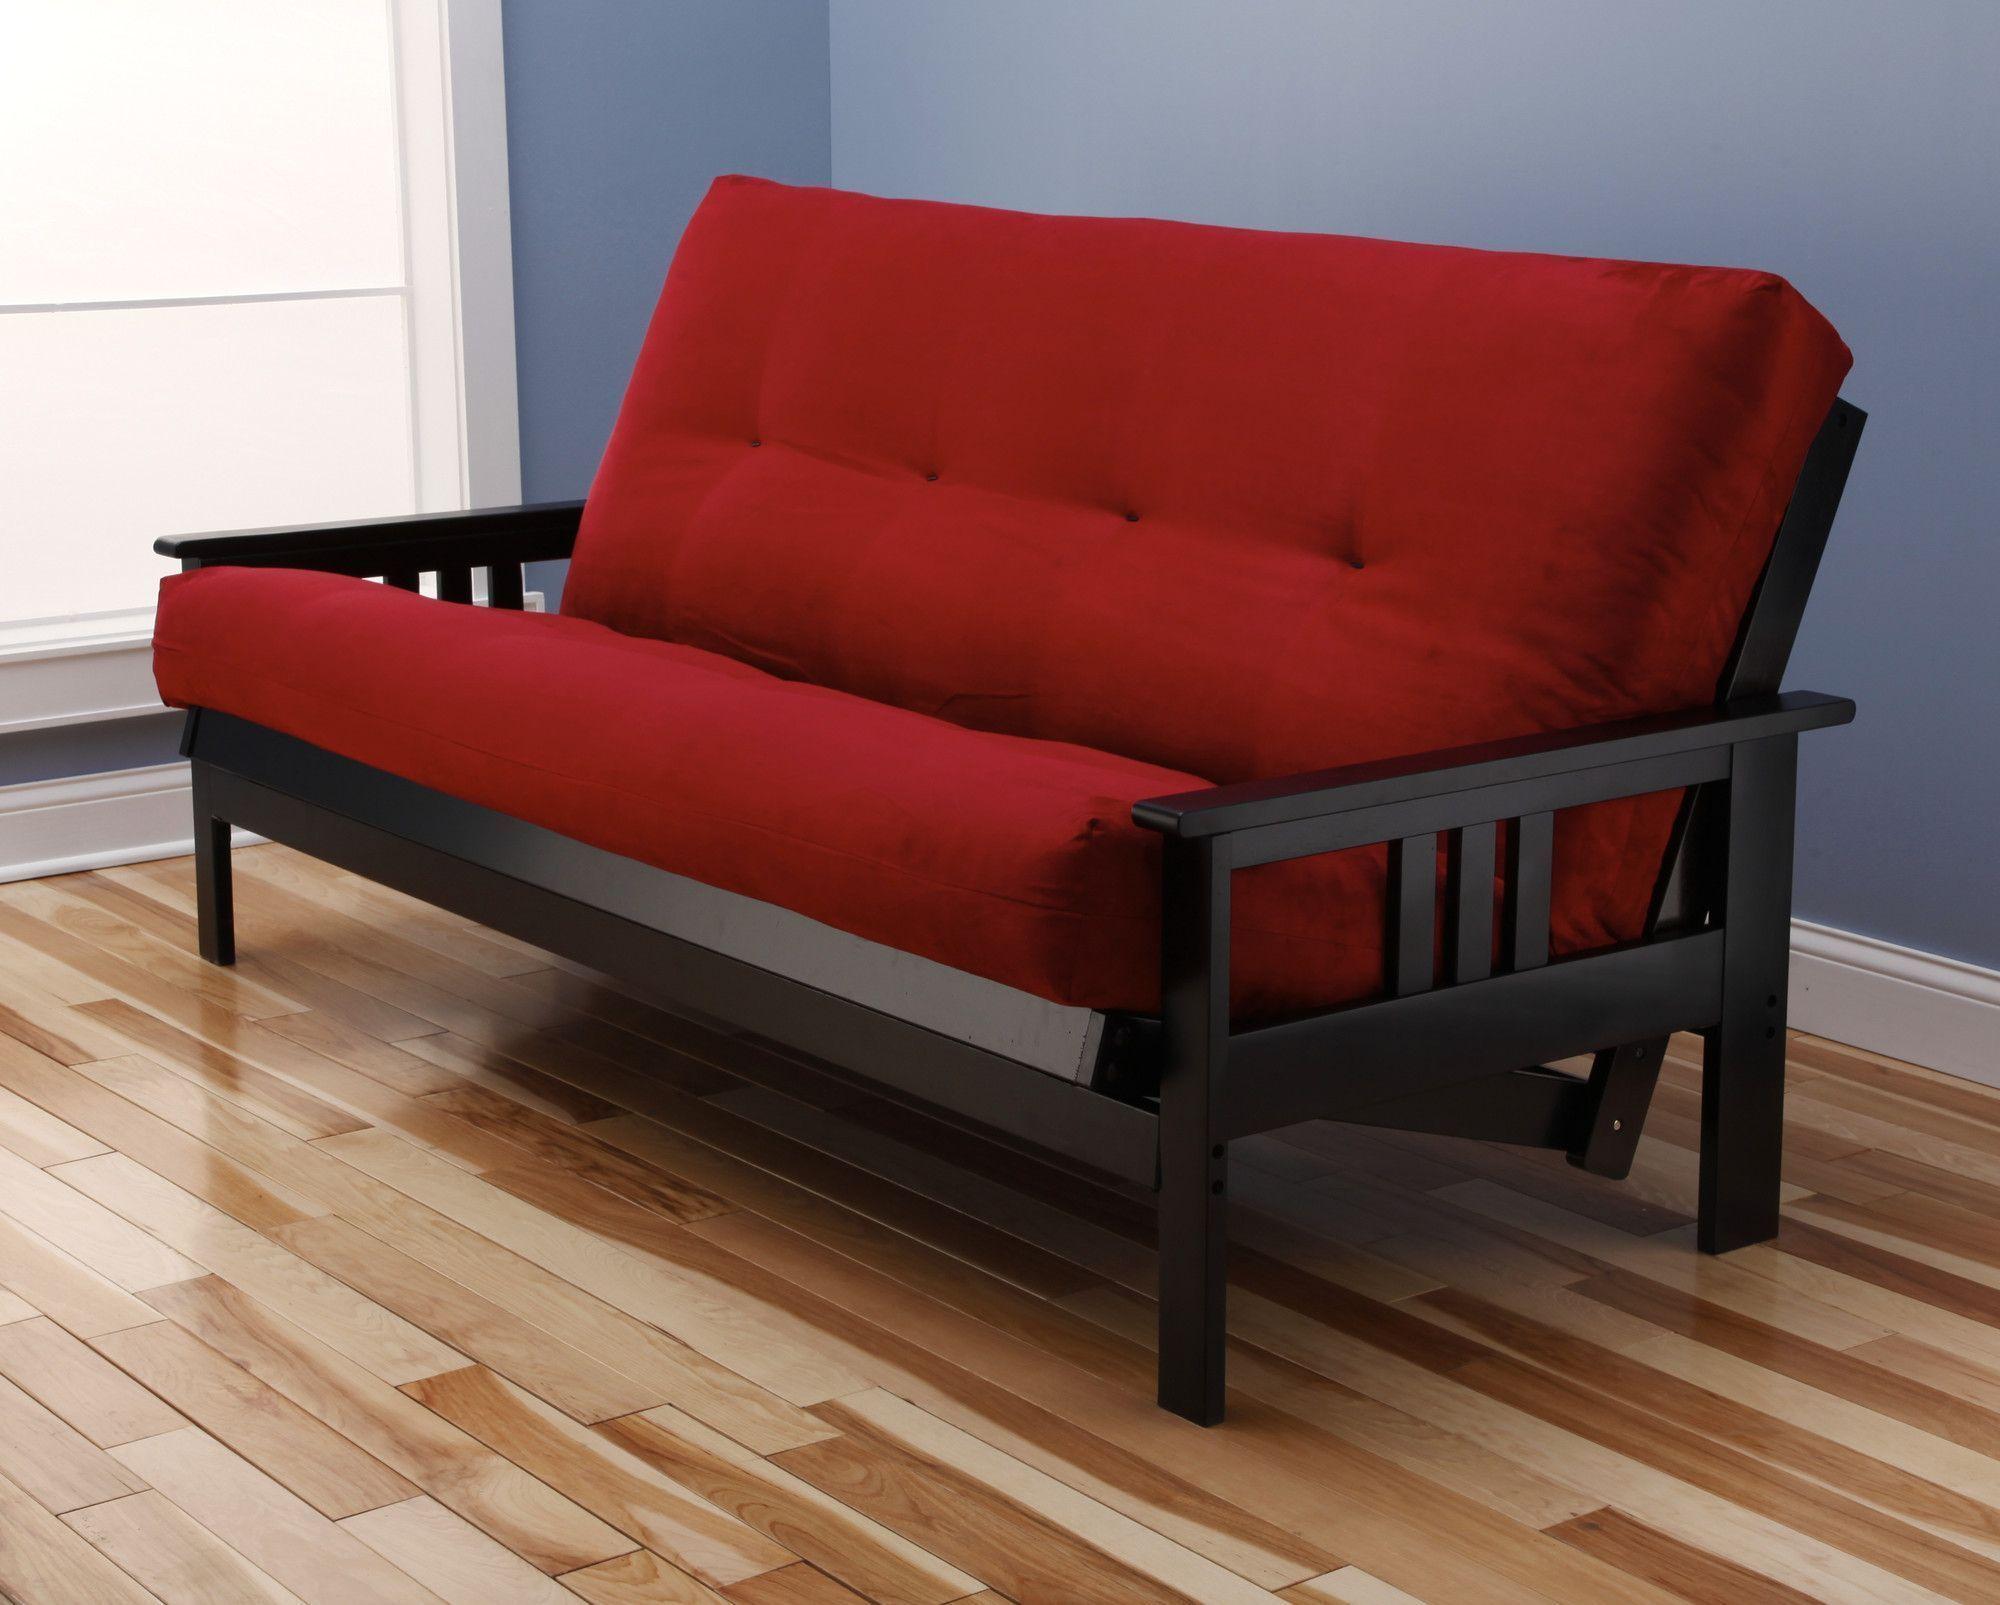 Small futon layout futon cushion floor pillowsfuton cover how to